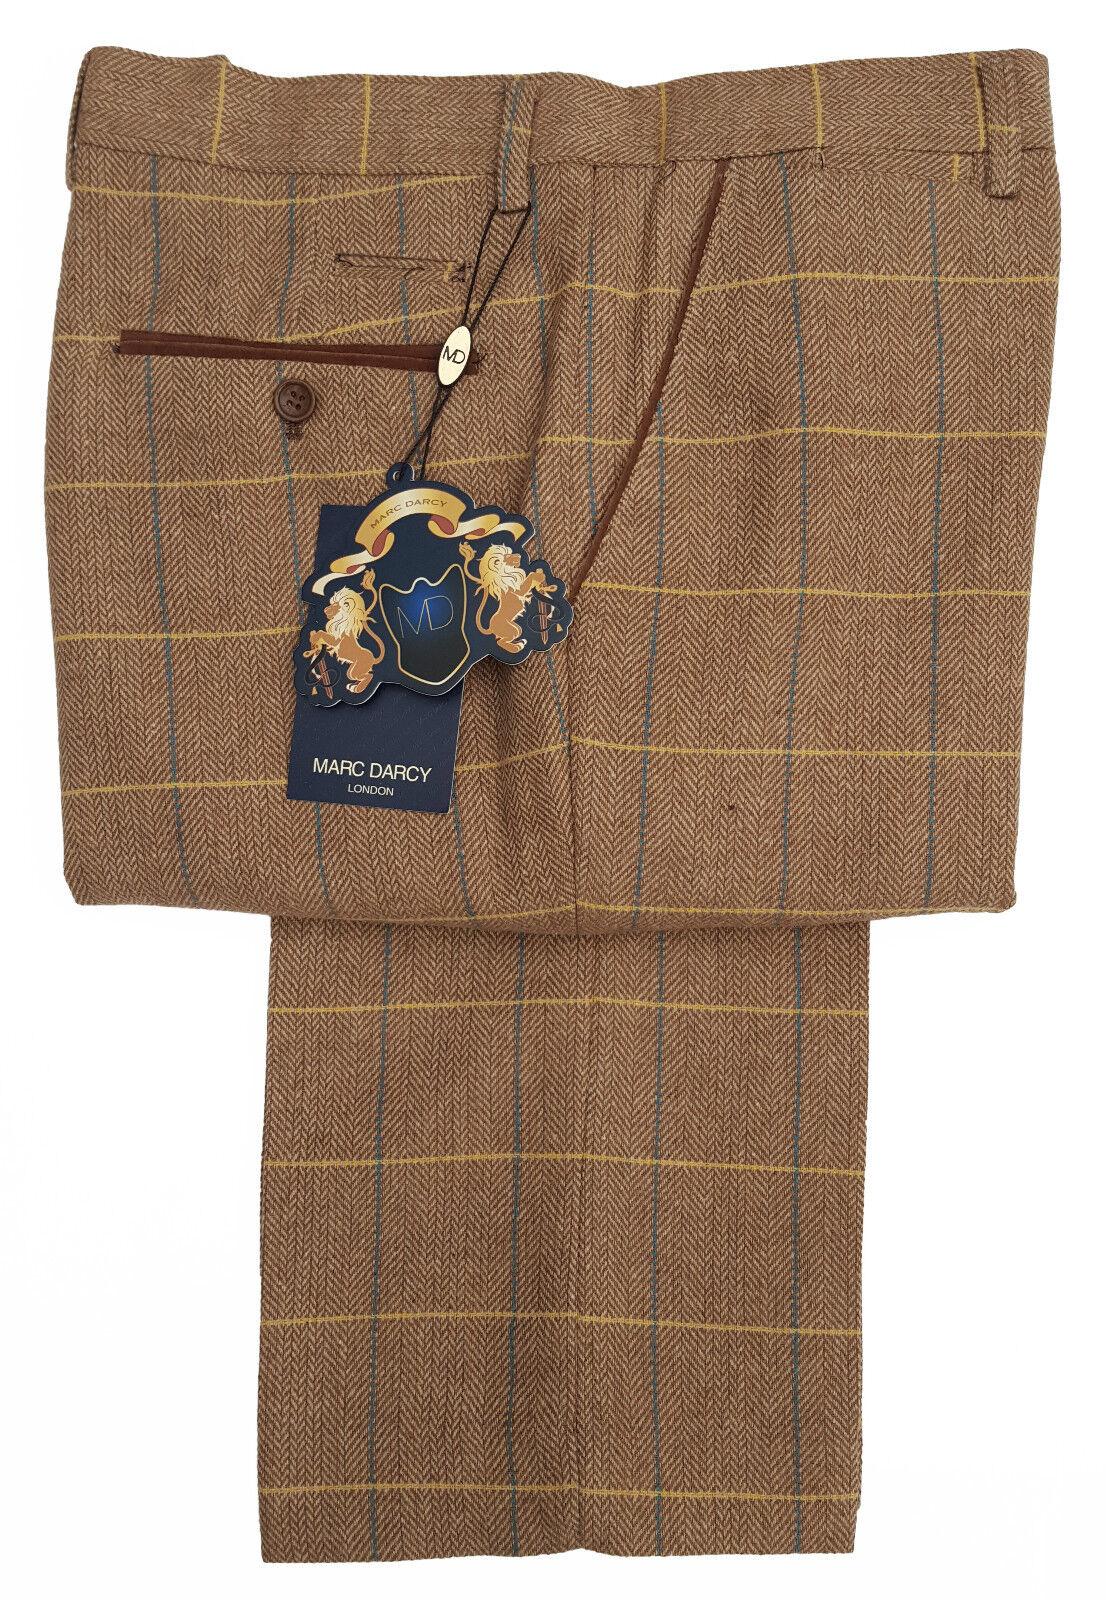 Herren Marc Darcy Tweed Karierte Hose Style DX7 - Eiche